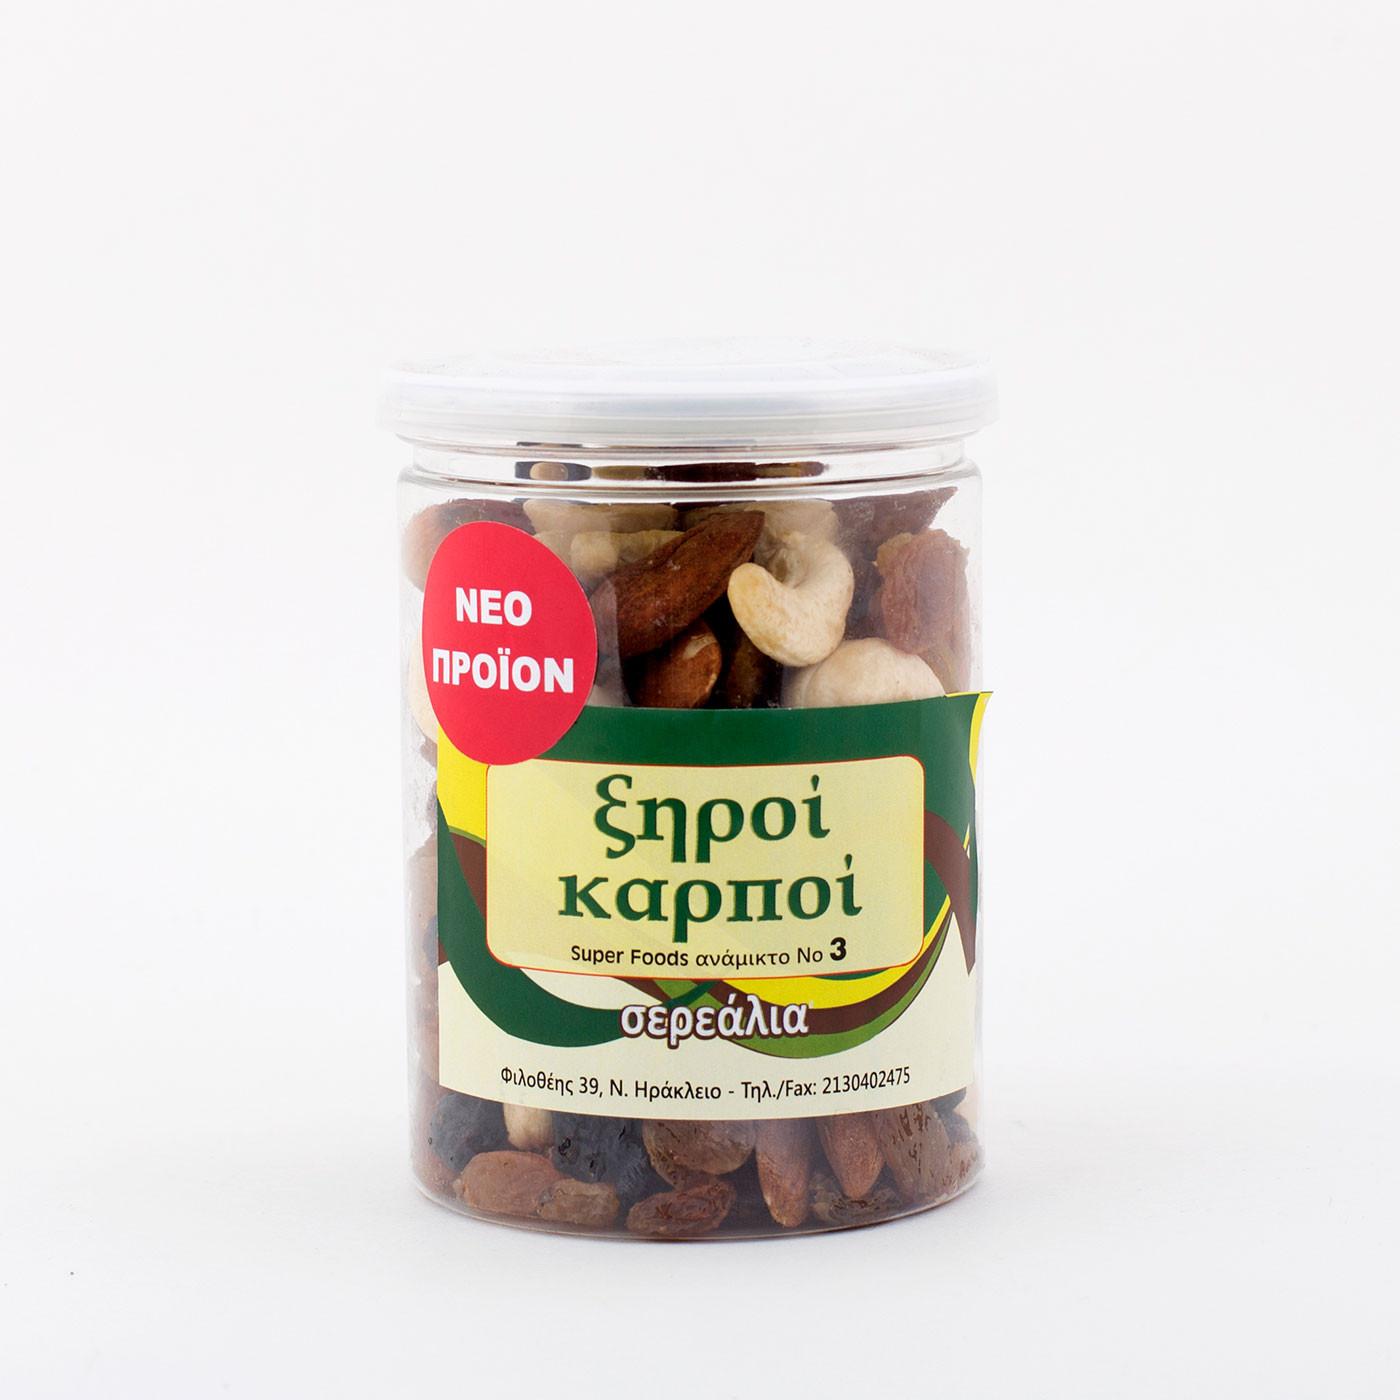 """Ξηροί καρποί Super foods ανάμικτο Νο3 """"Σερεάλια"""" 225 γρ"""